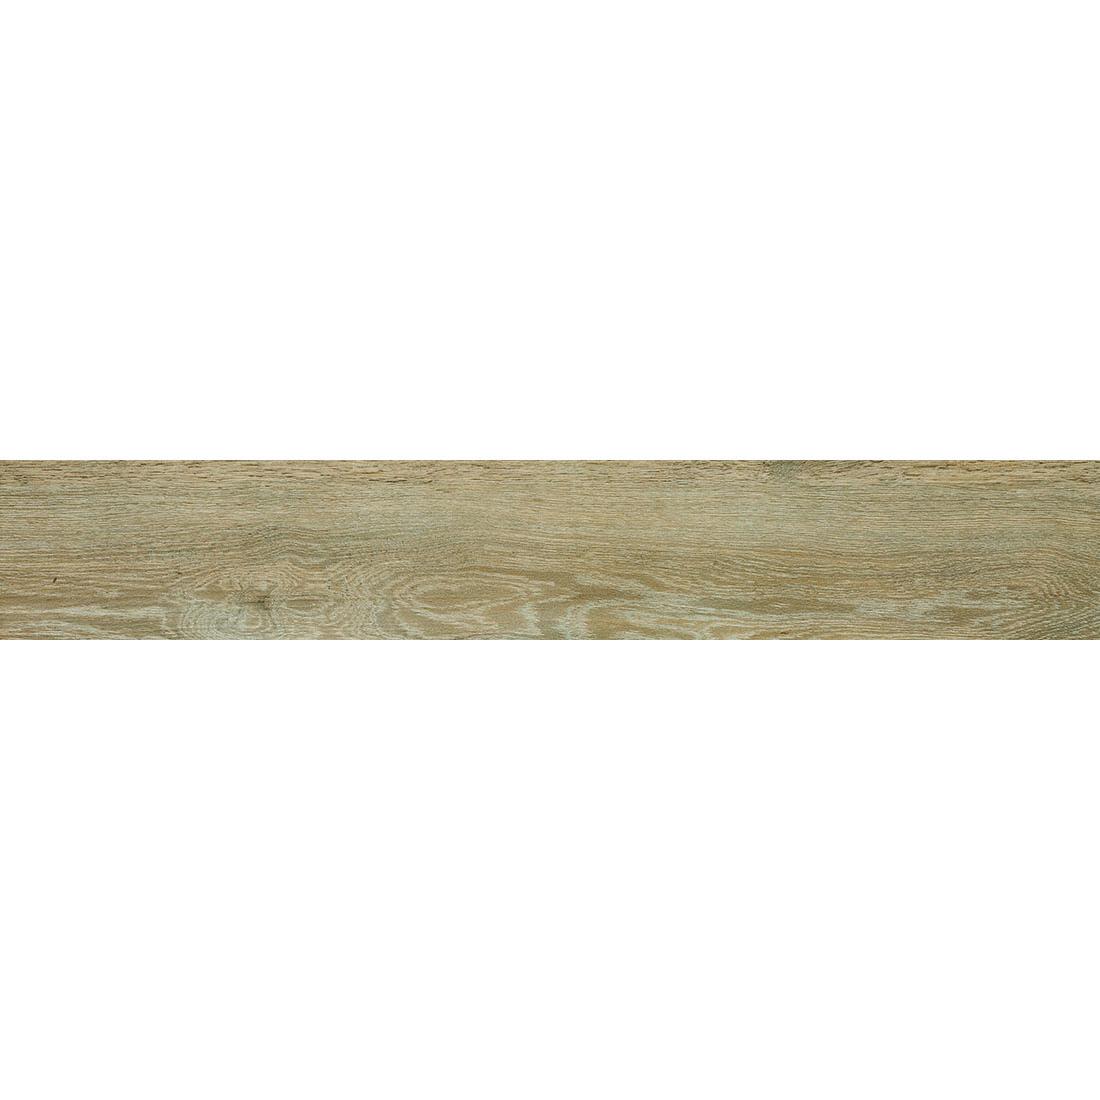 Firewood 20x120 Nogal Matt